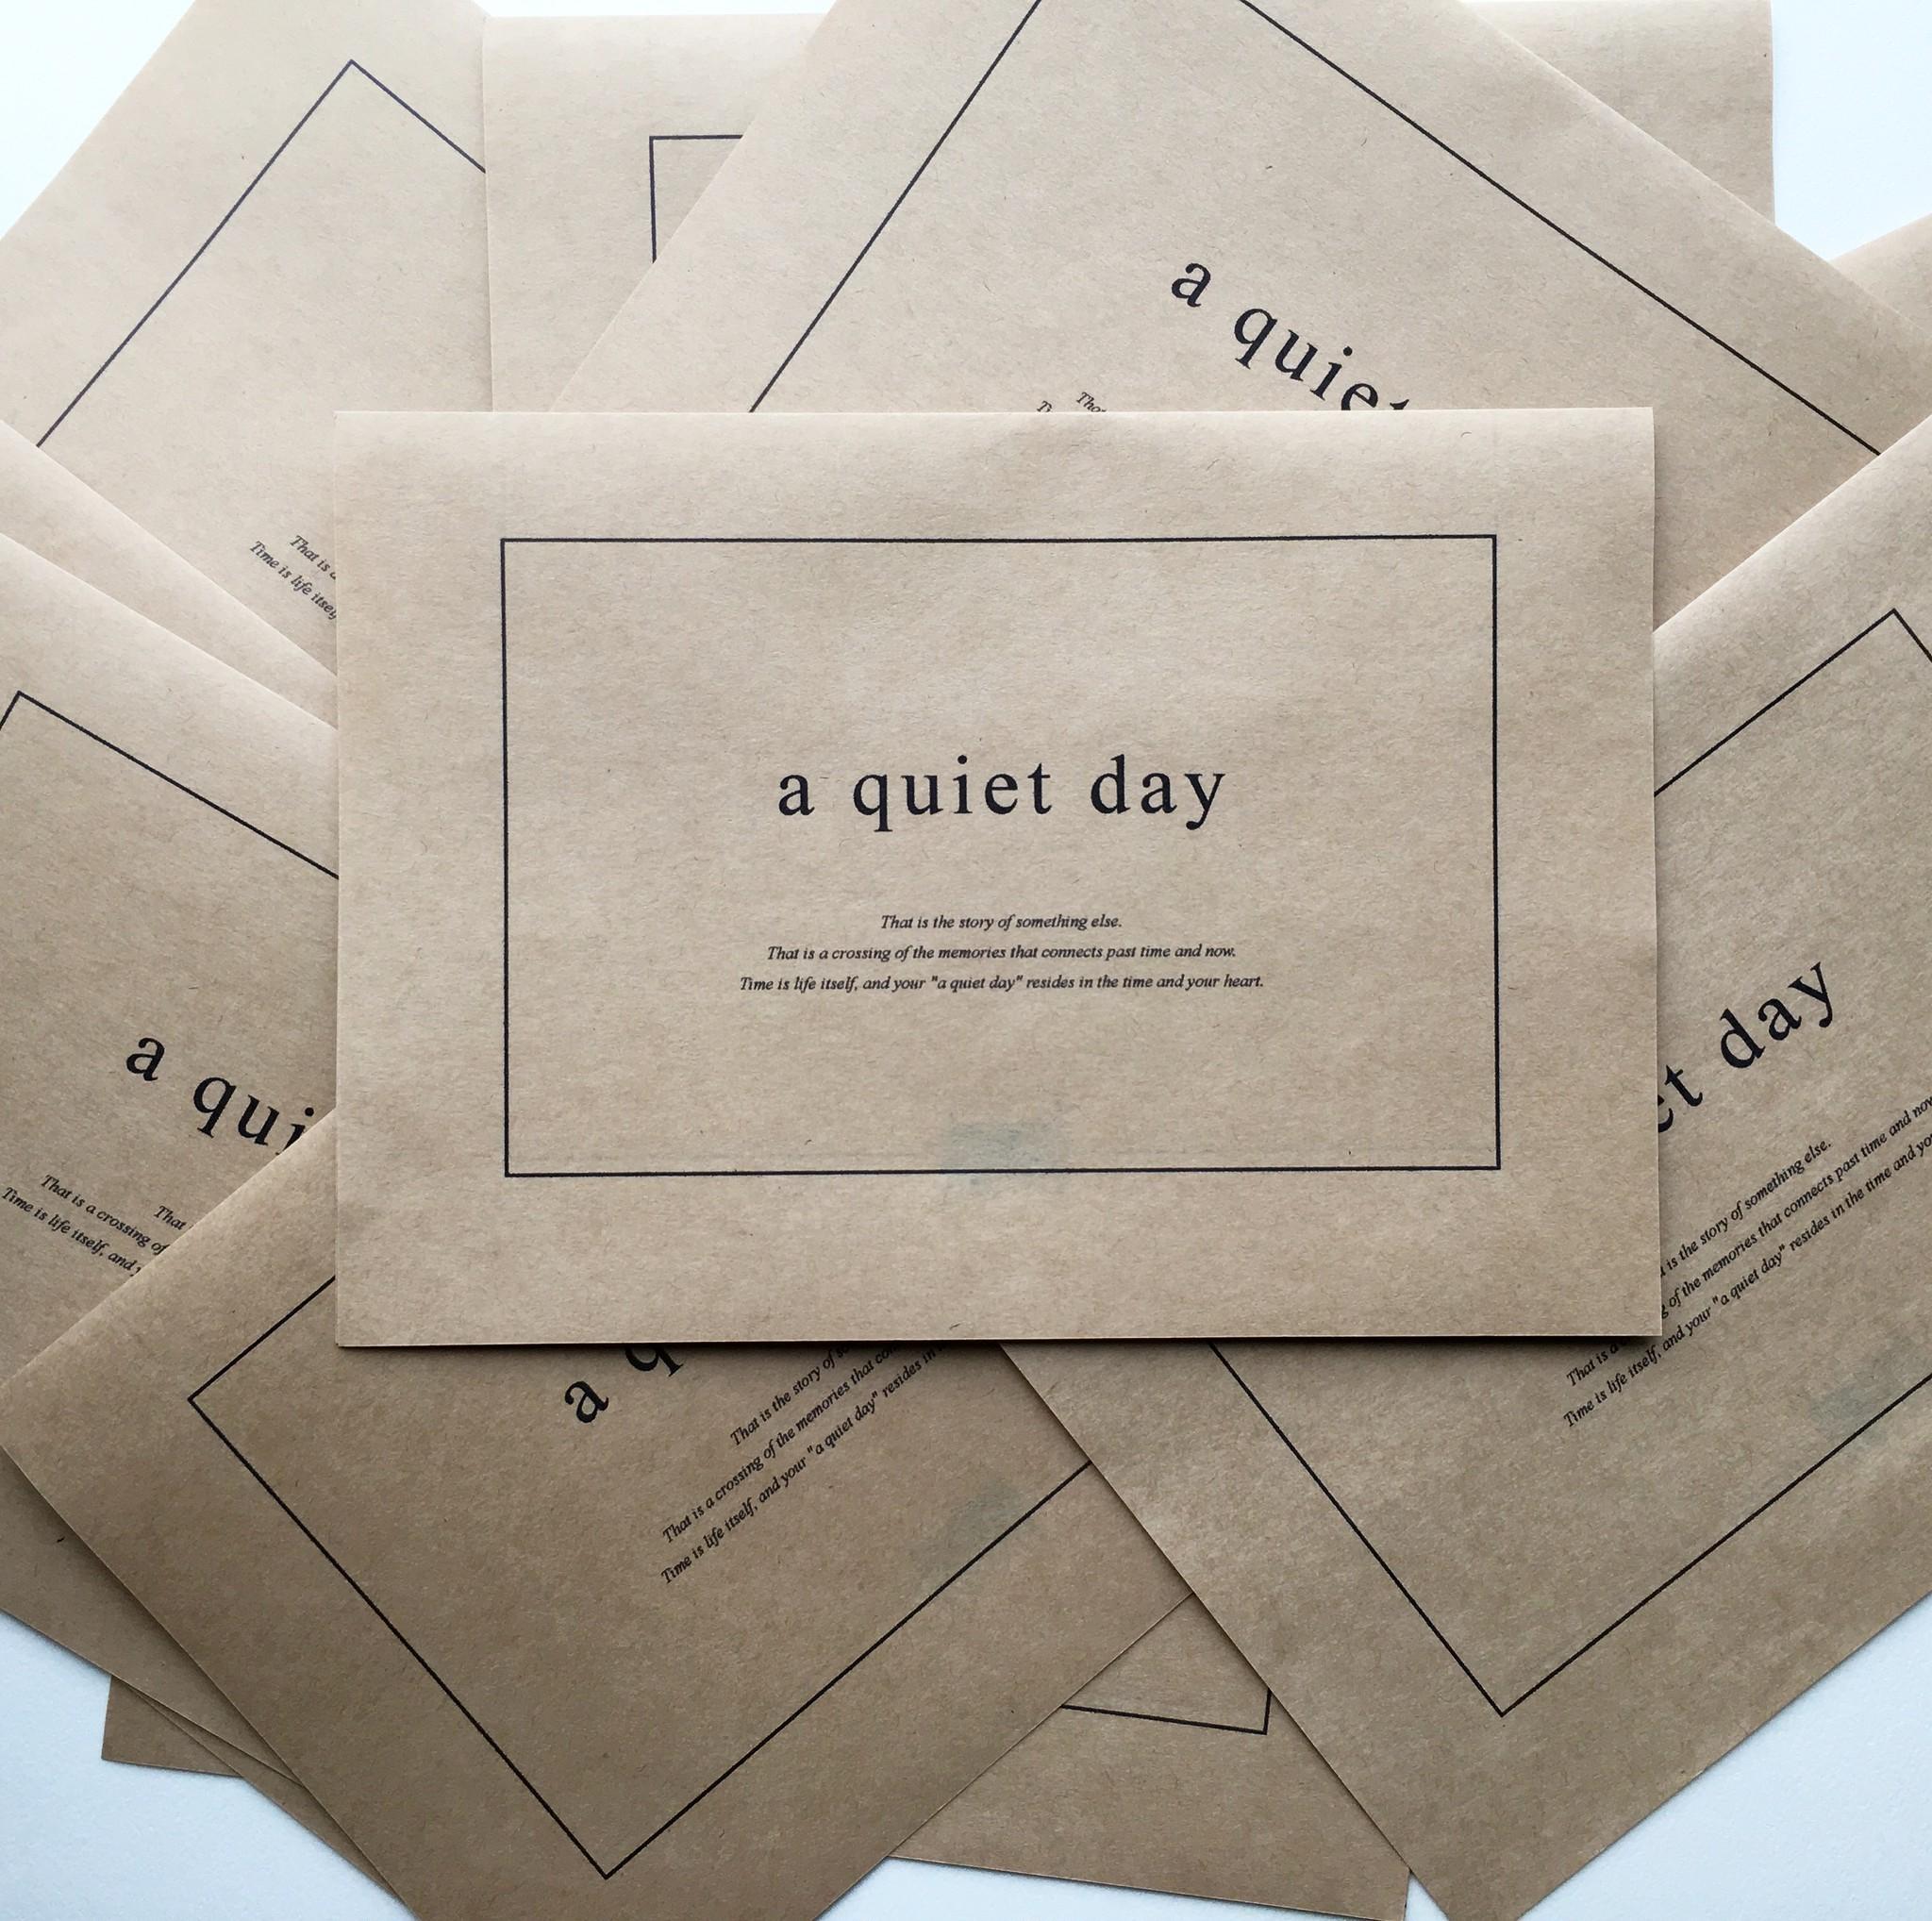 a quiet dayの手紙のデザインのメッセージ